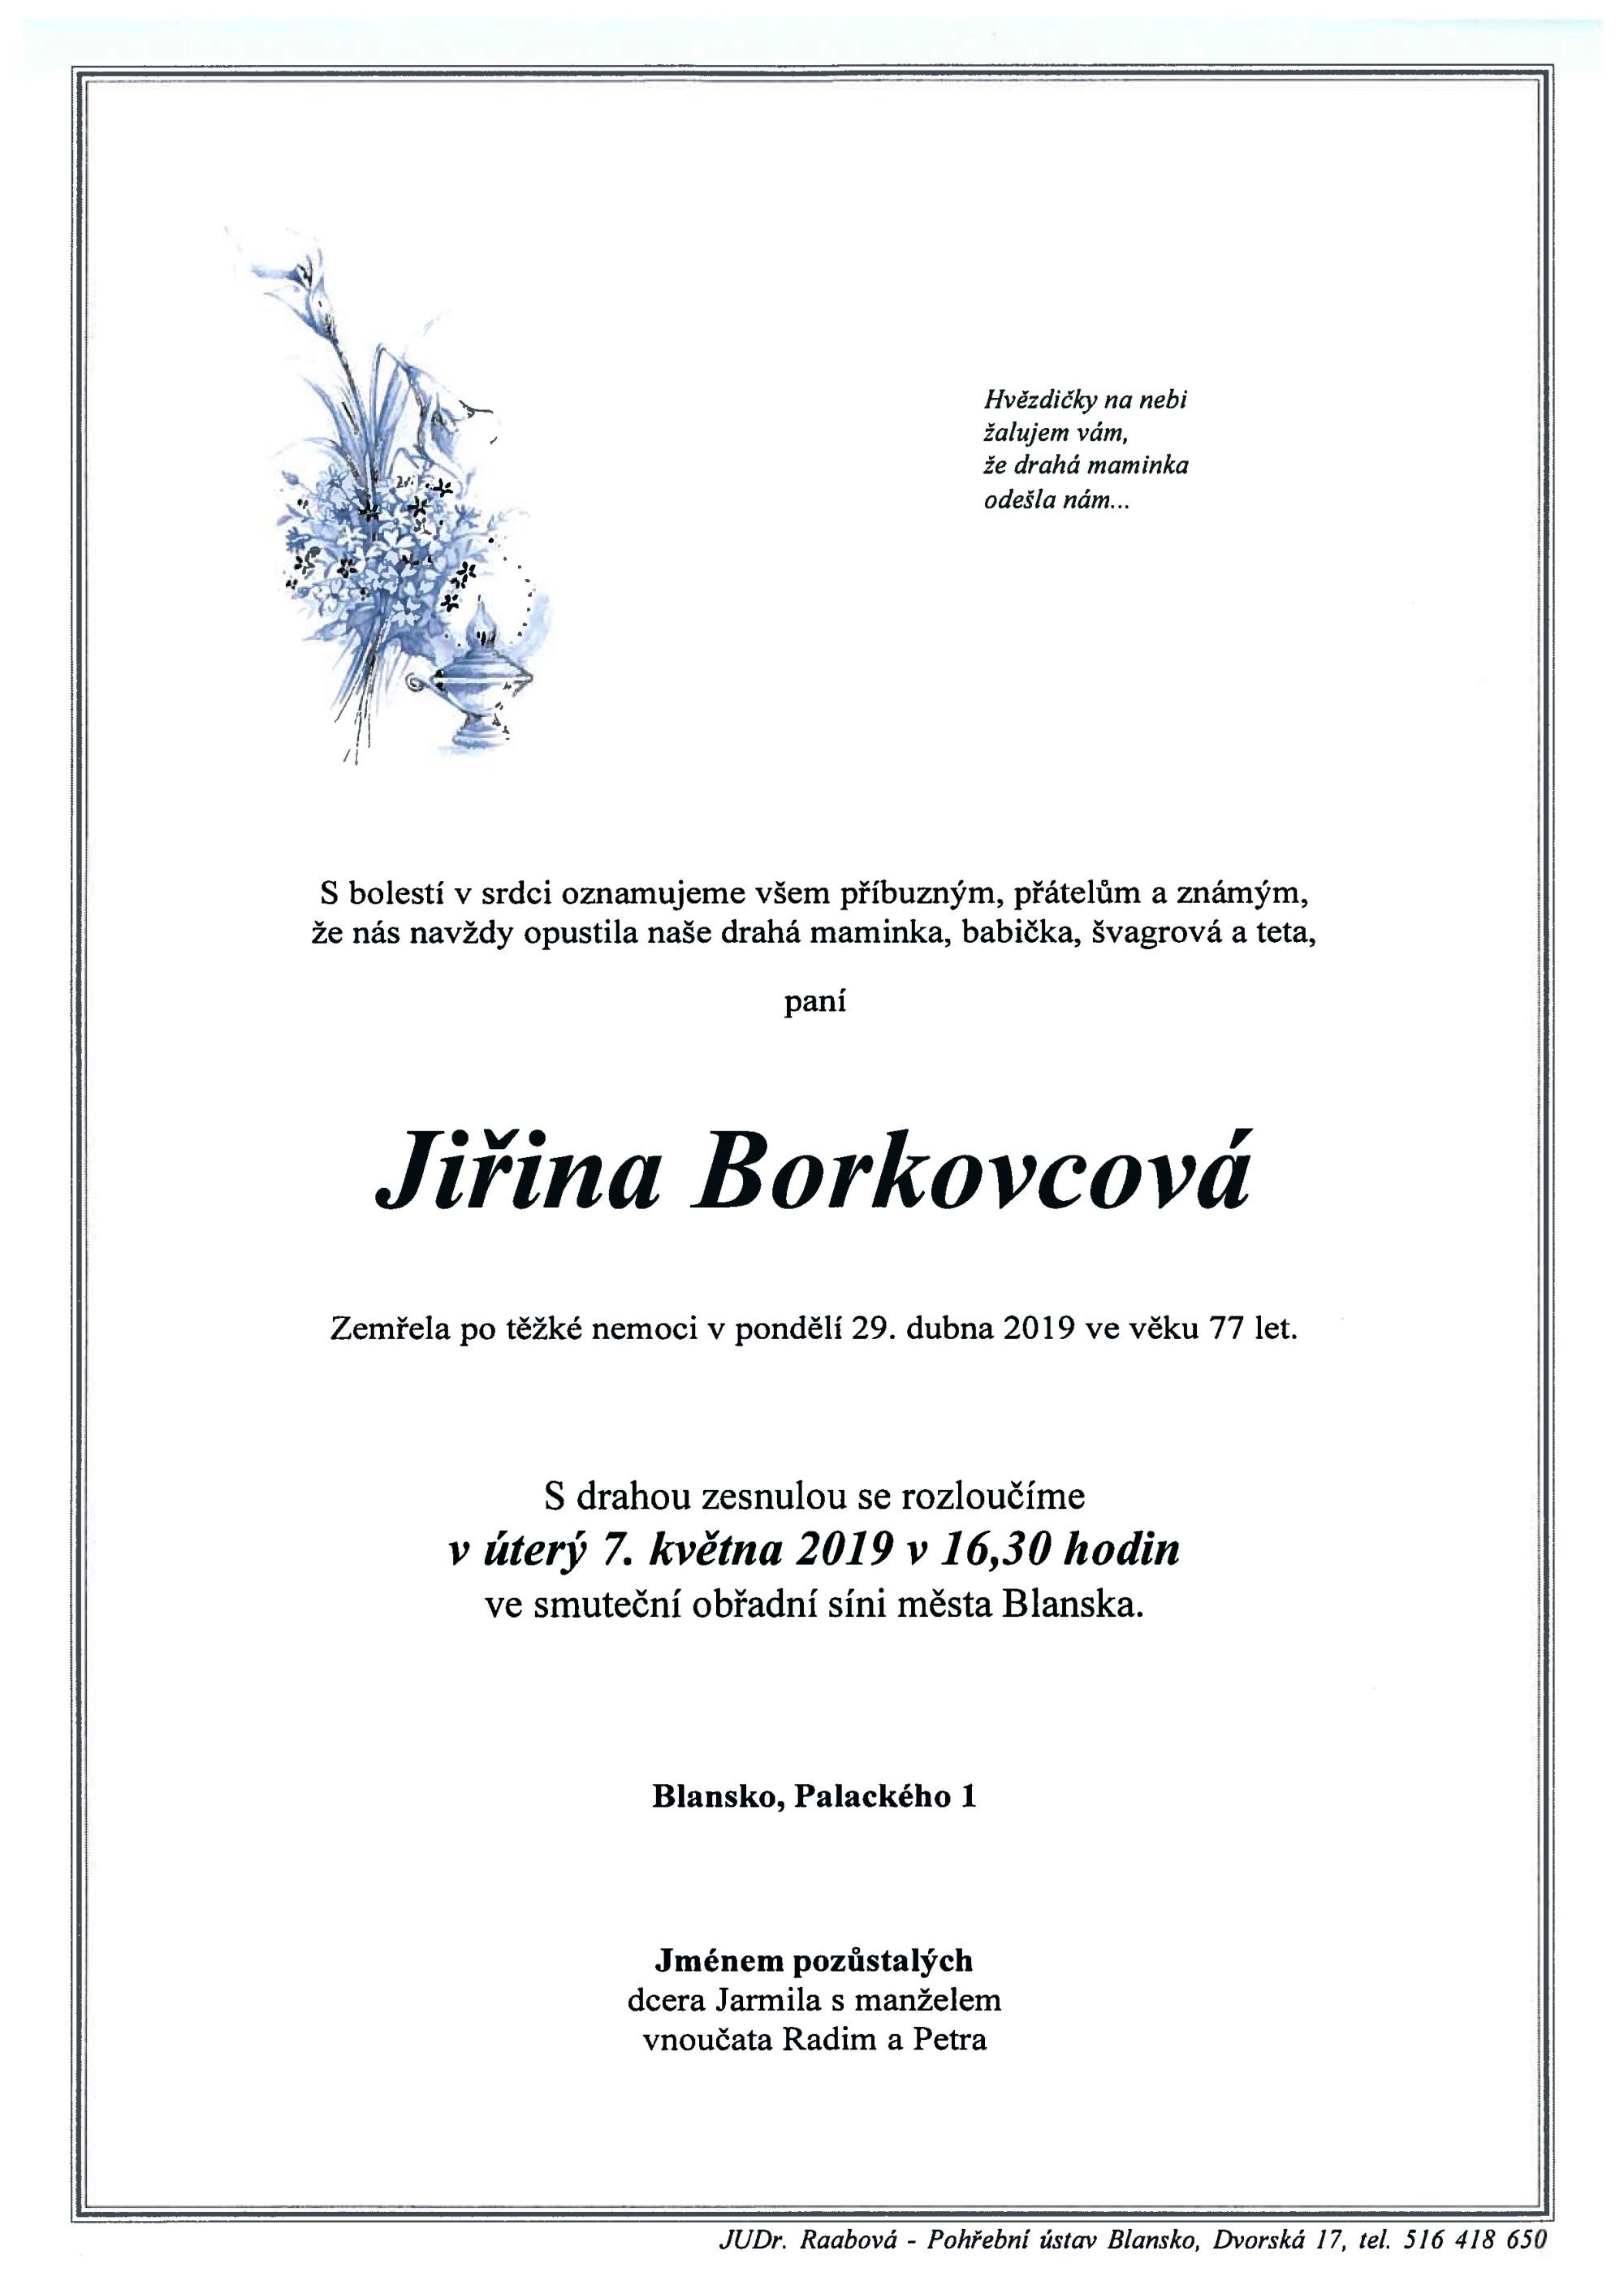 Jiřina Borkovcová